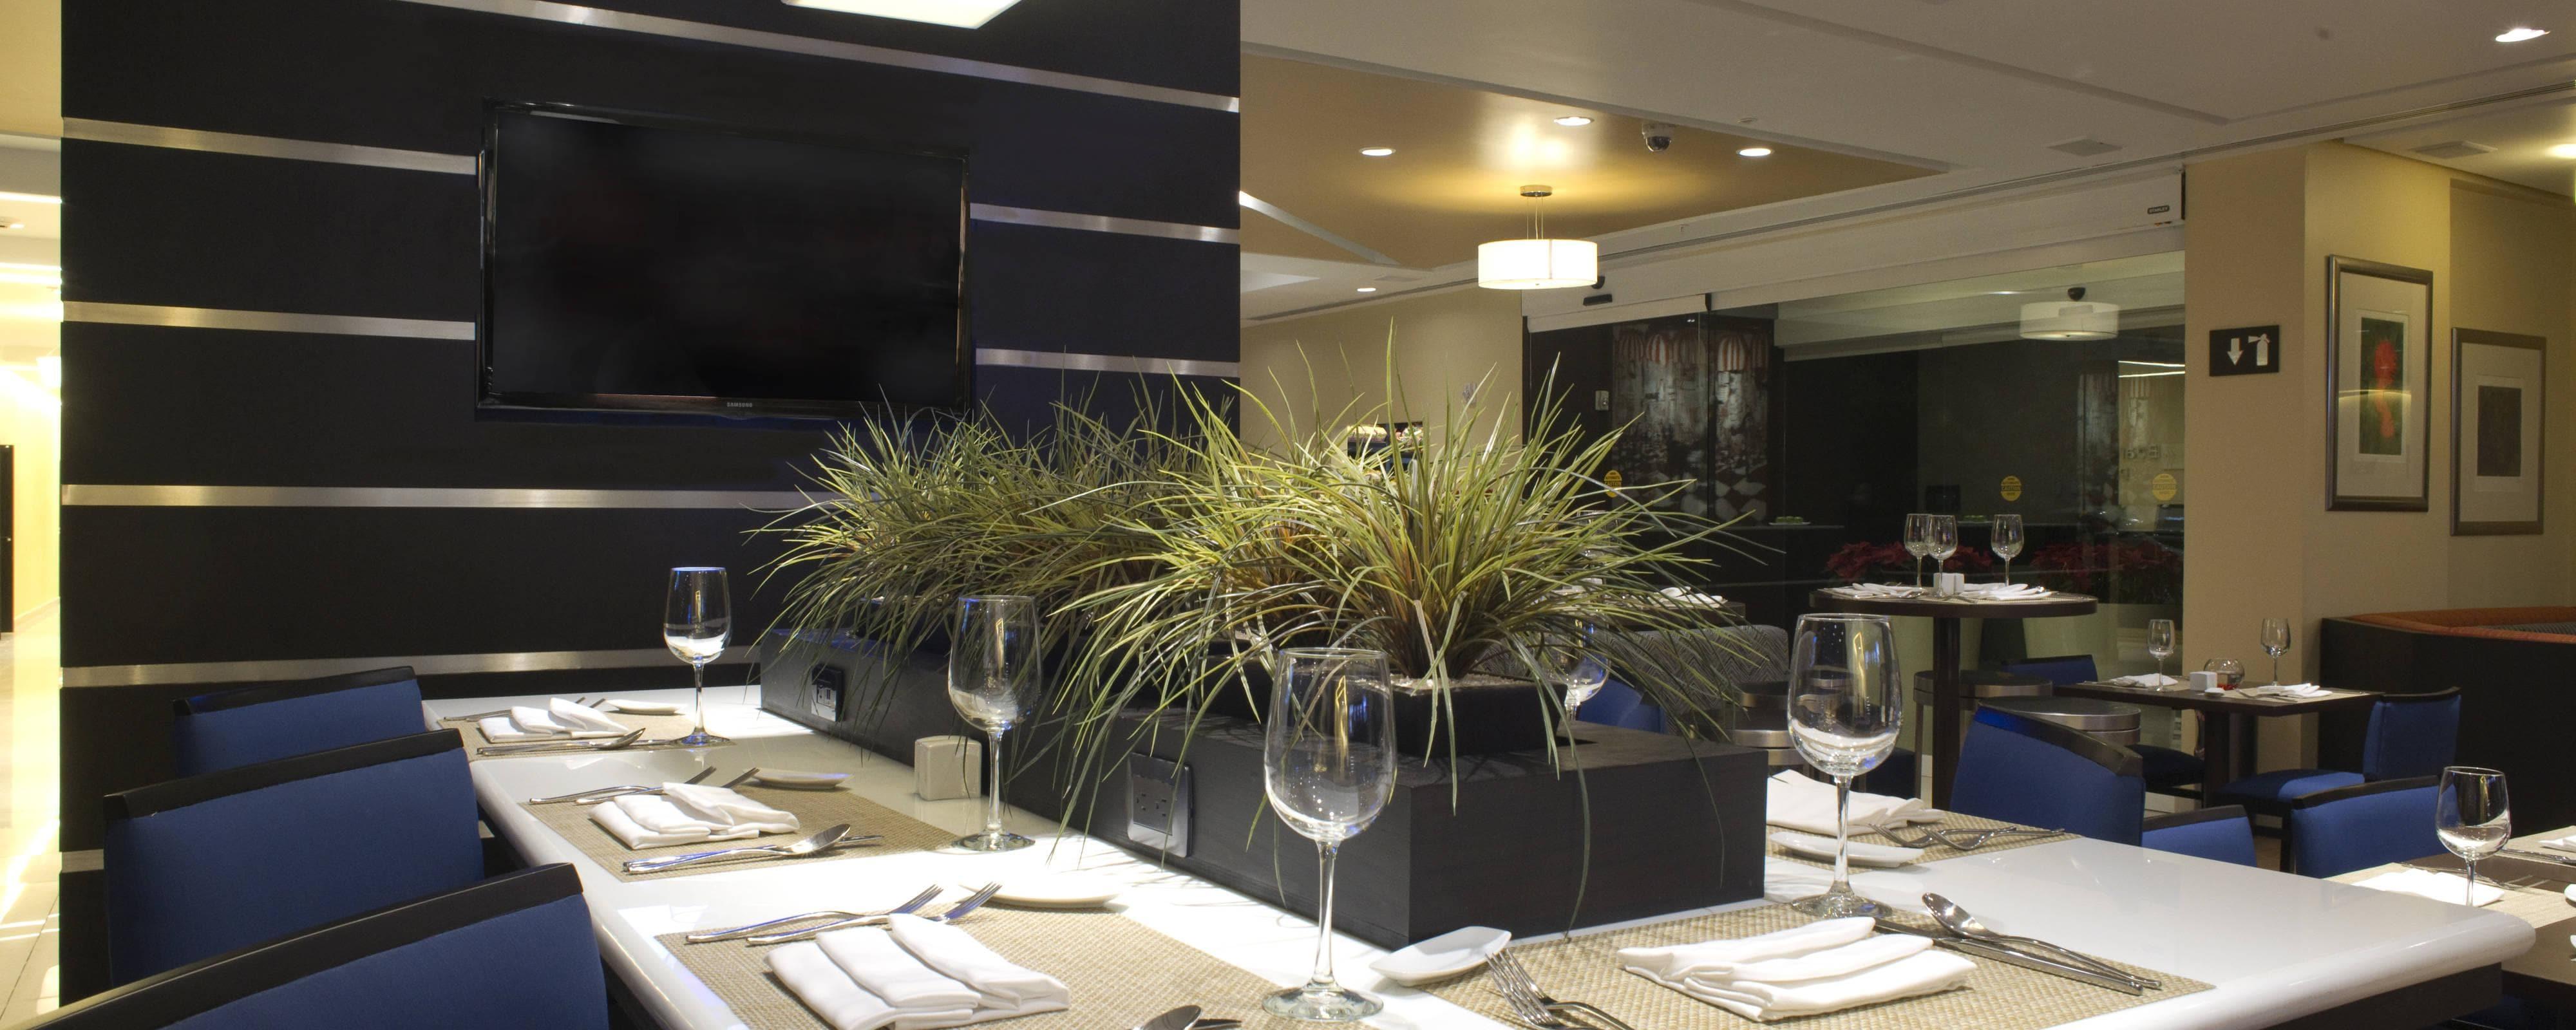 Table commune de l'hôtel de Toluca